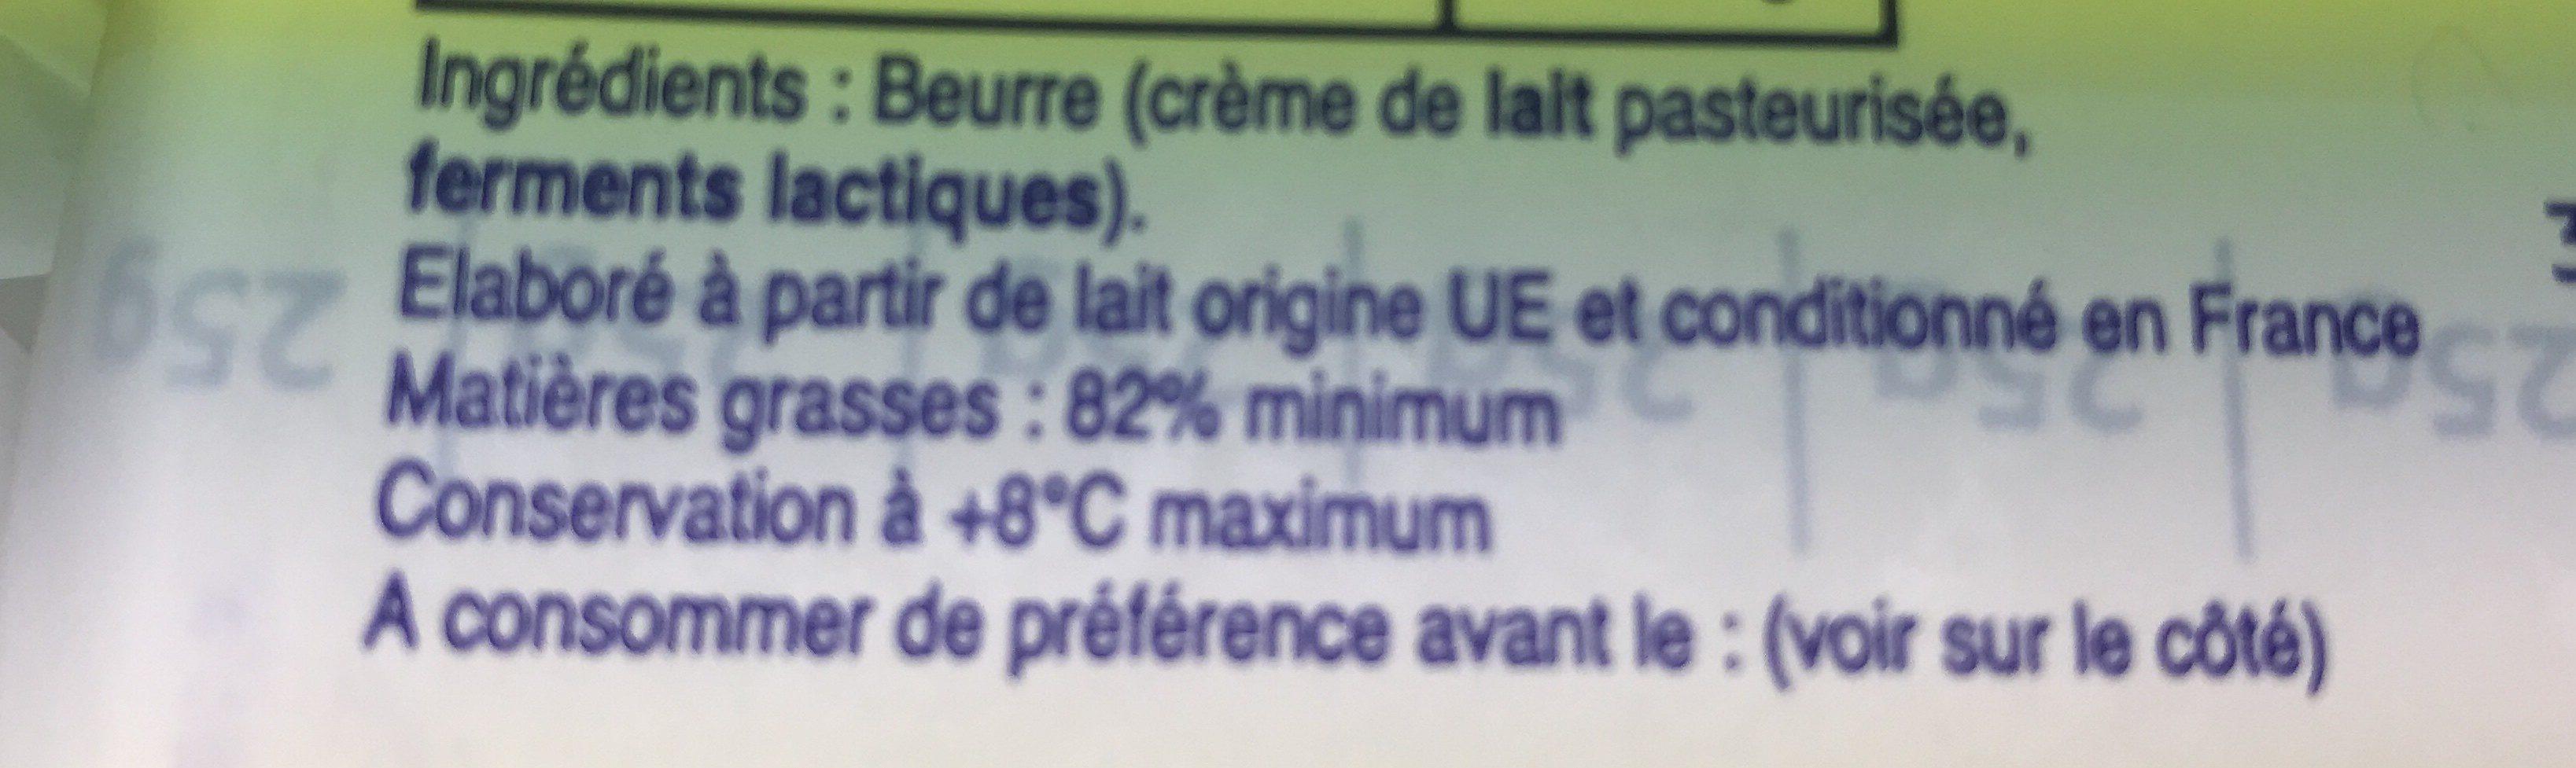 Beurre doux plaquette 82% matieres grasses - Ingrediënten